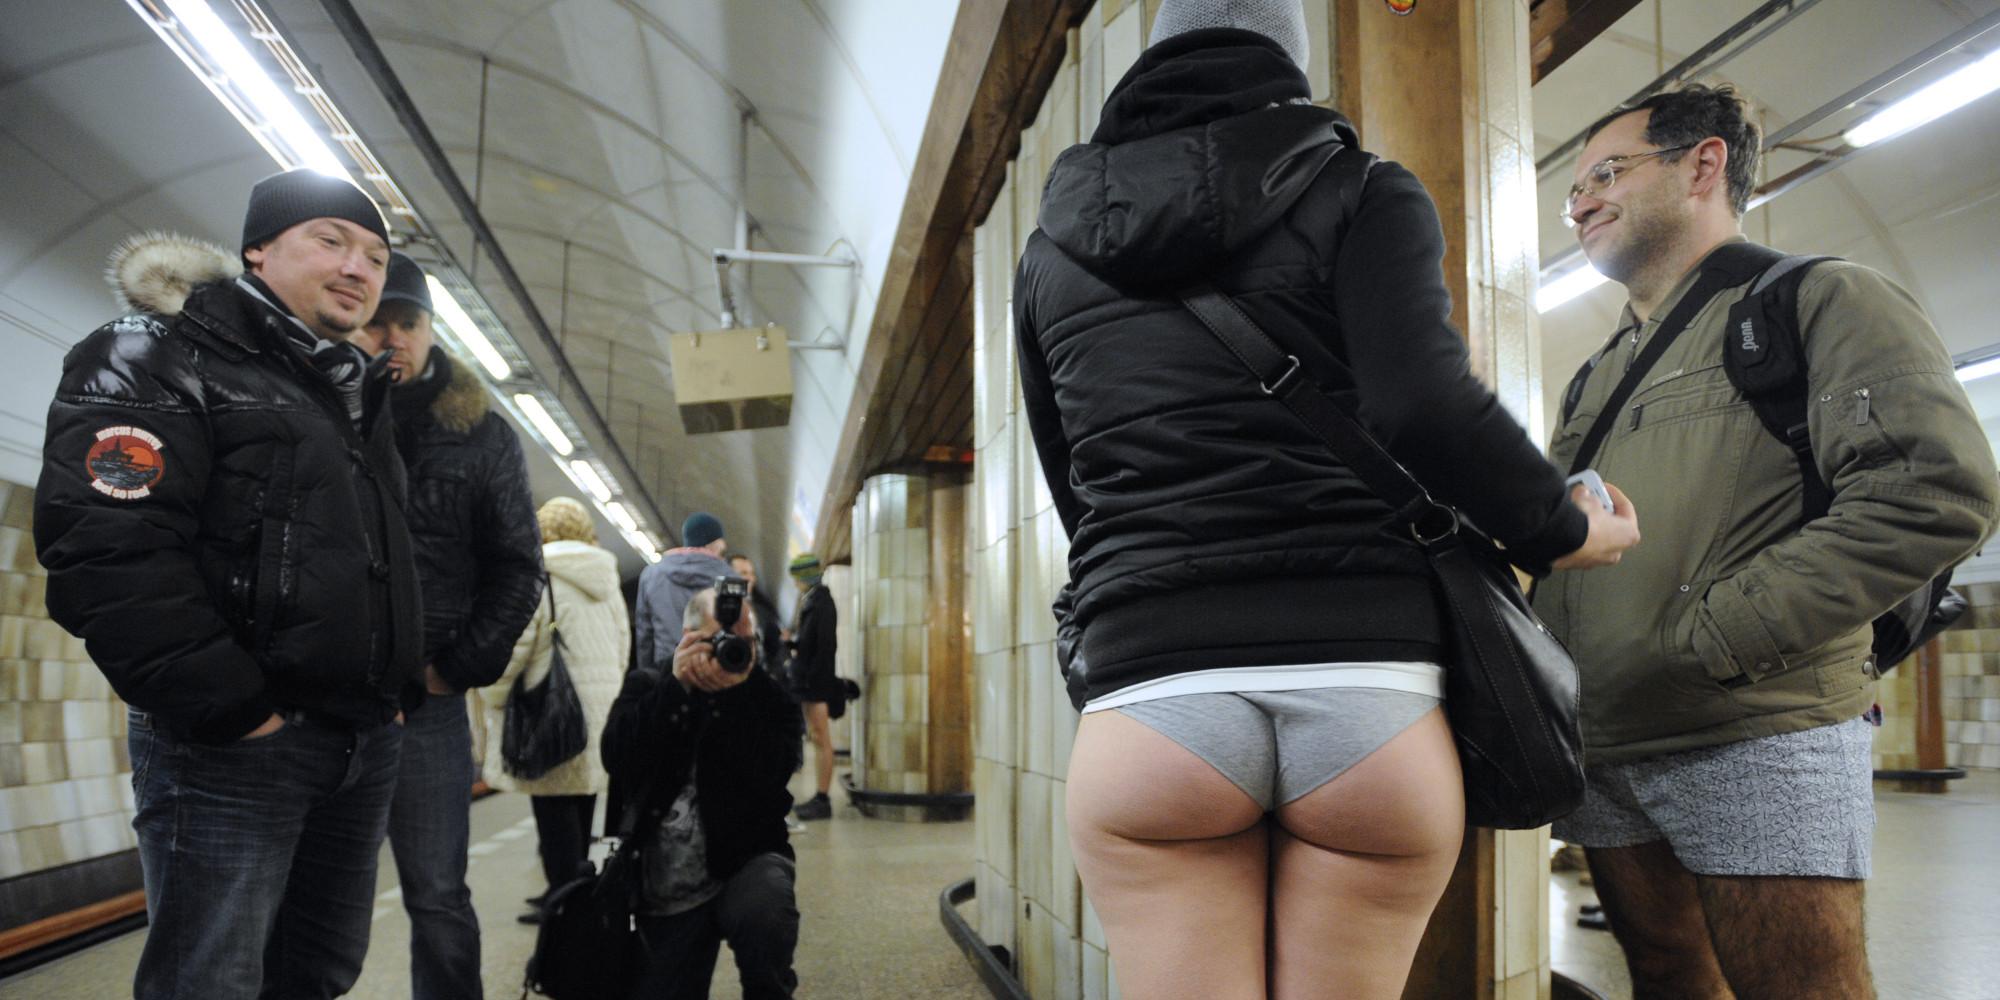 Agarron en el metro - 2 9